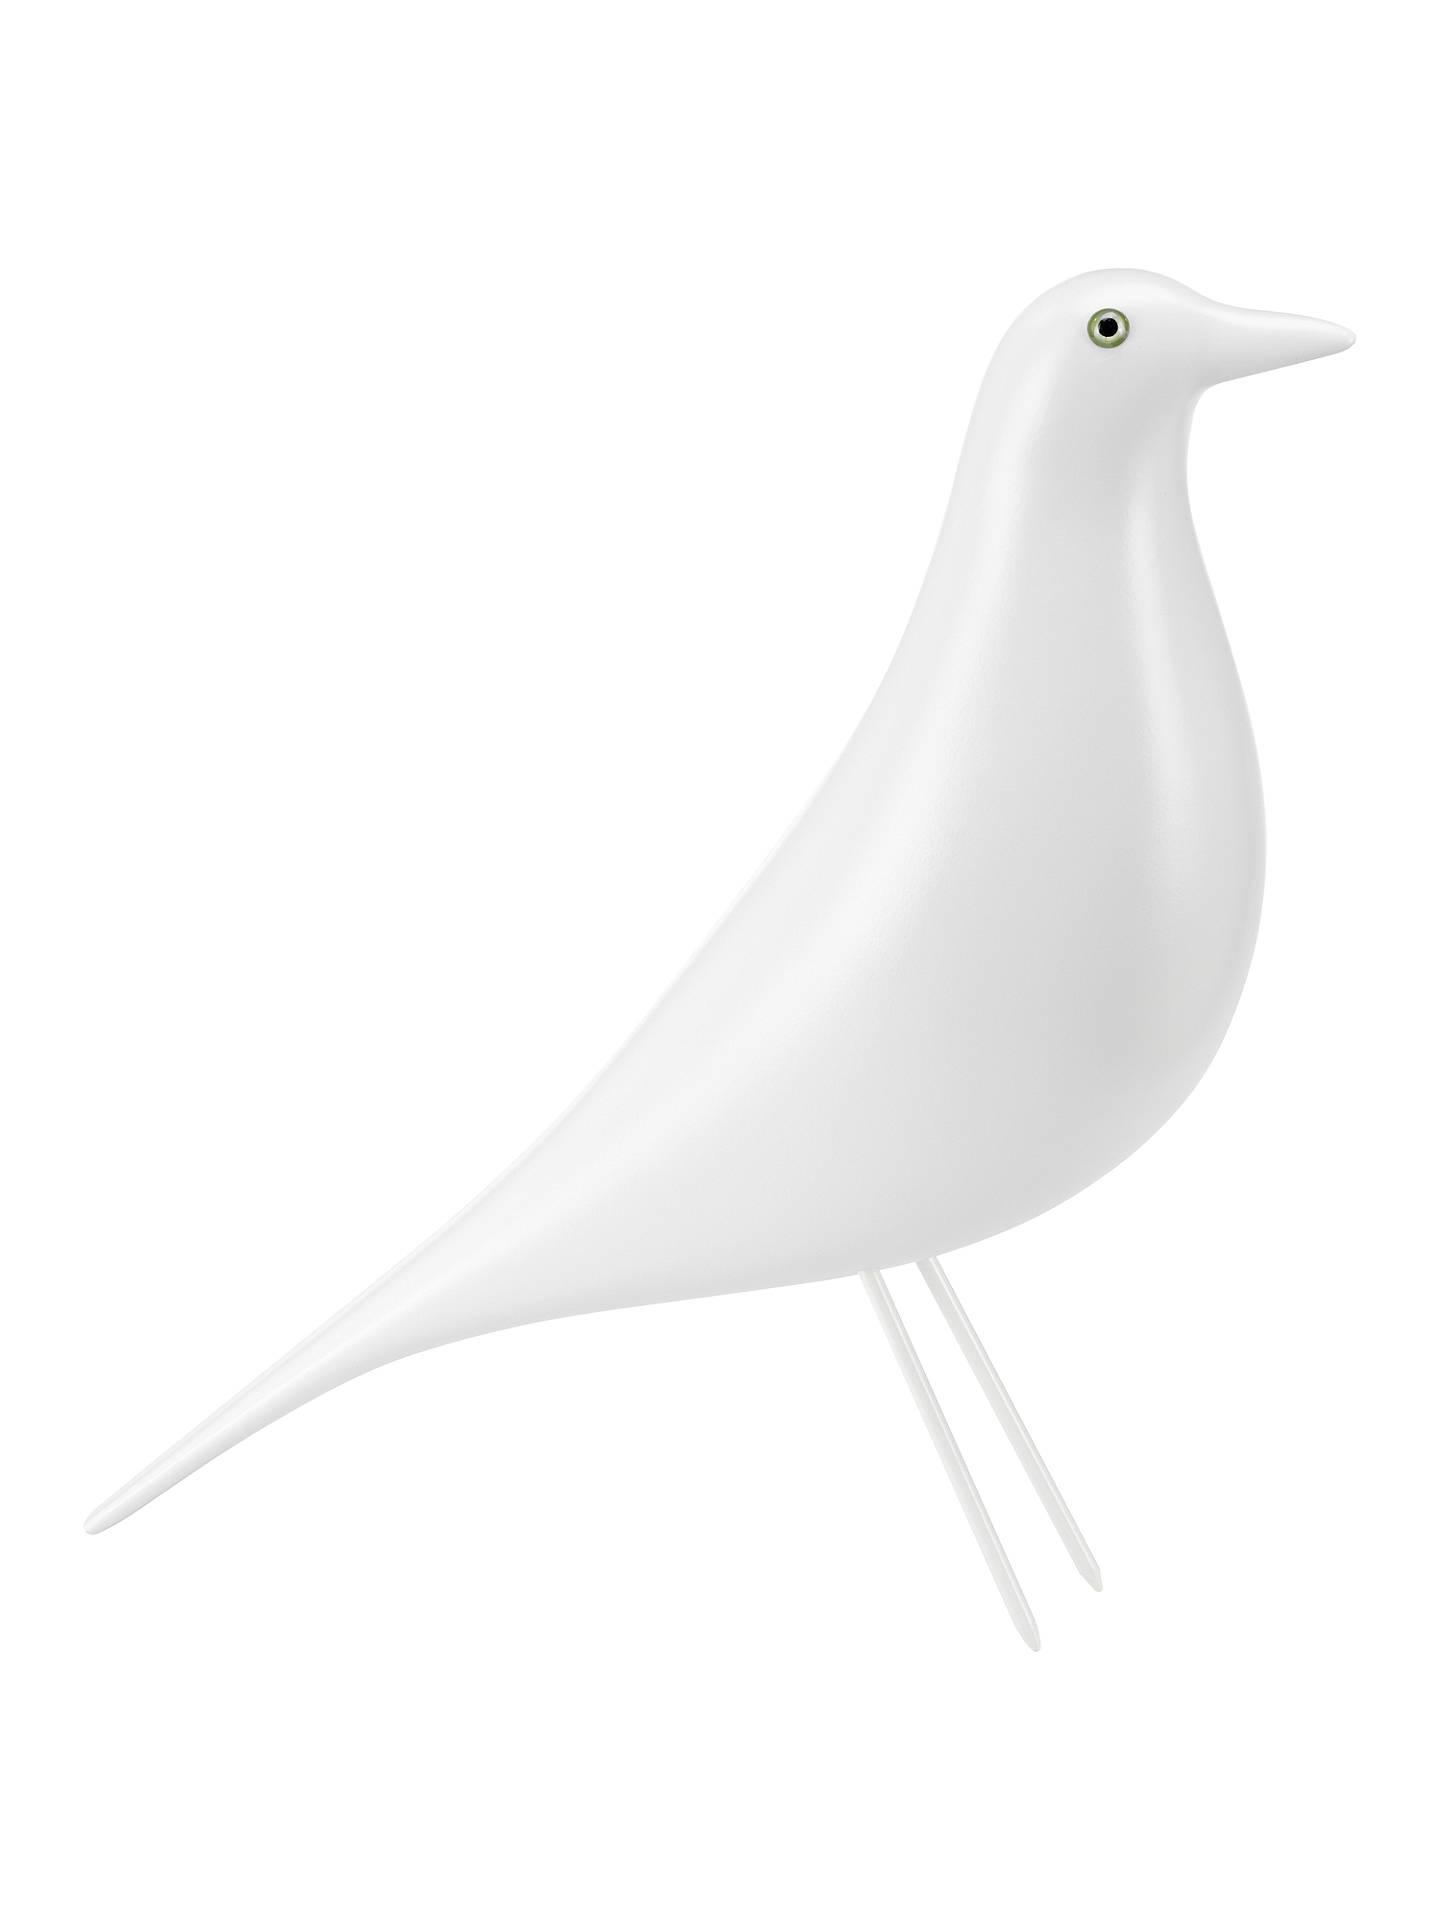 Vitra Eames House Bird White